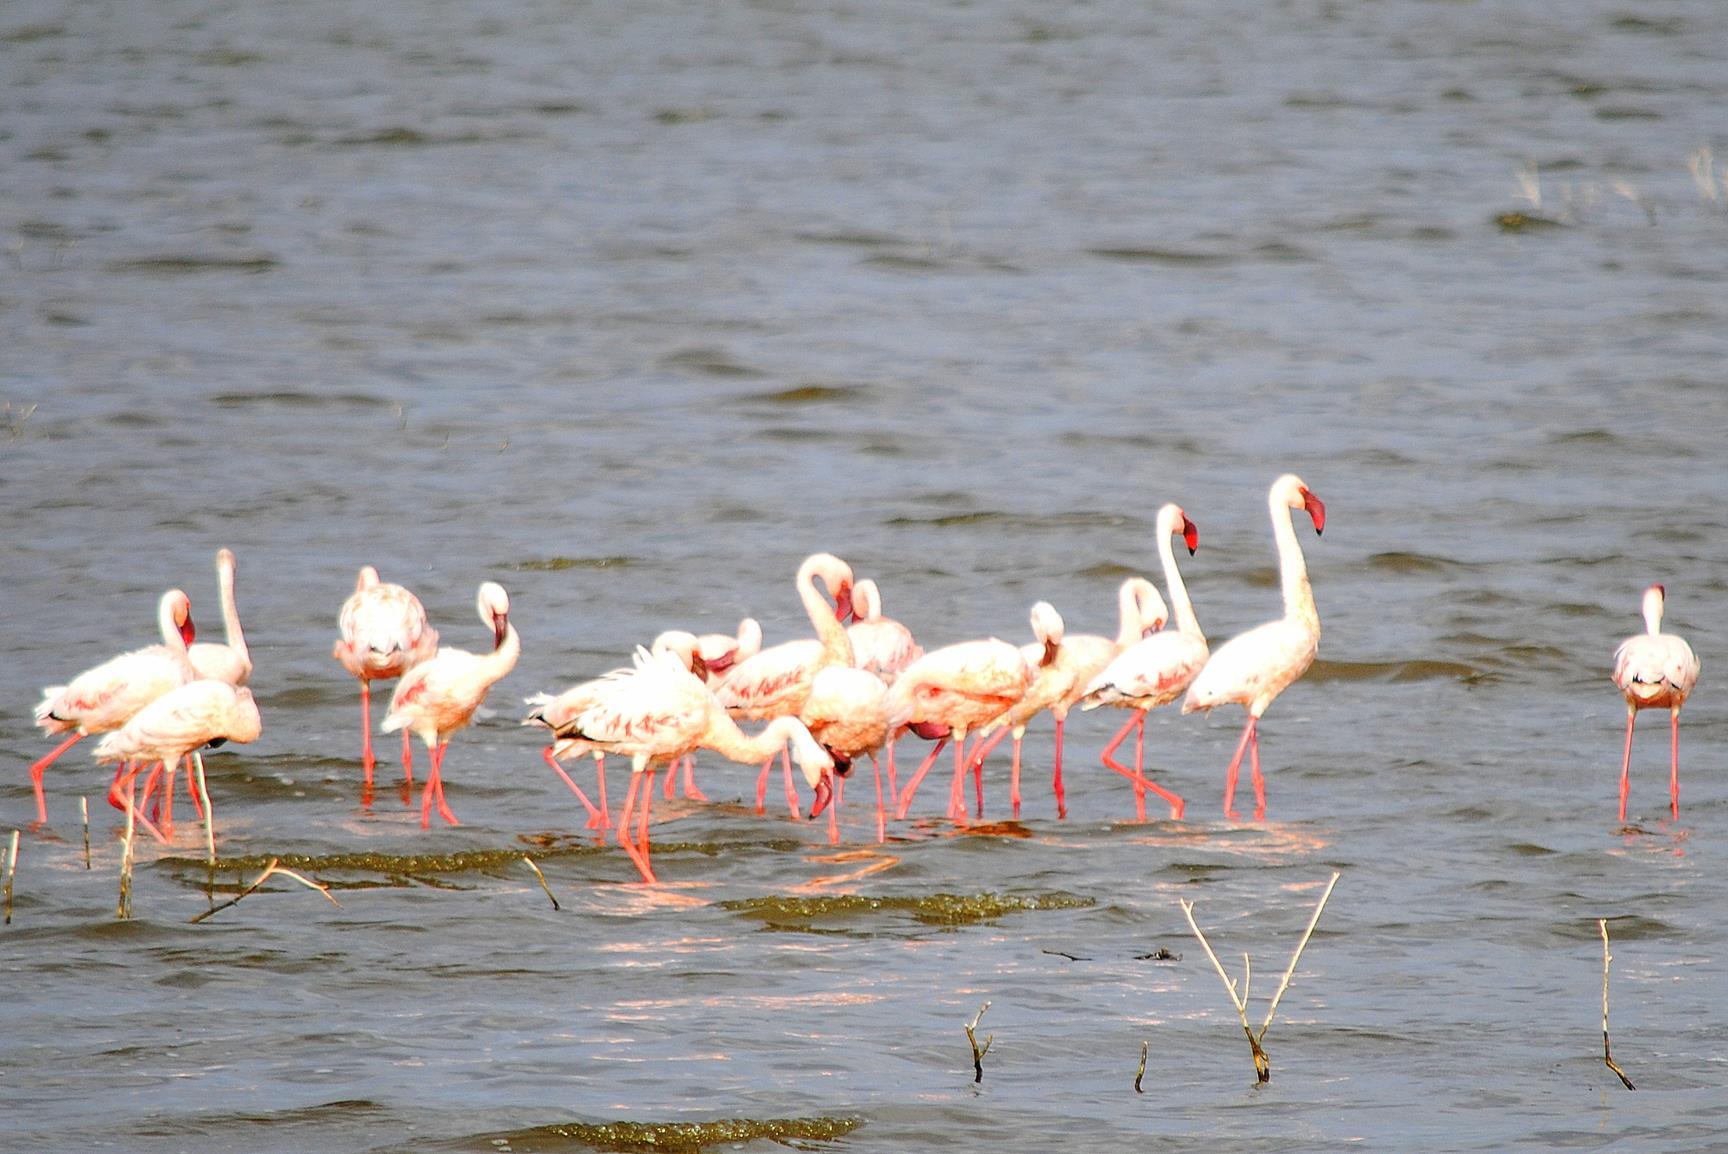 lago-nakuru-flamencos